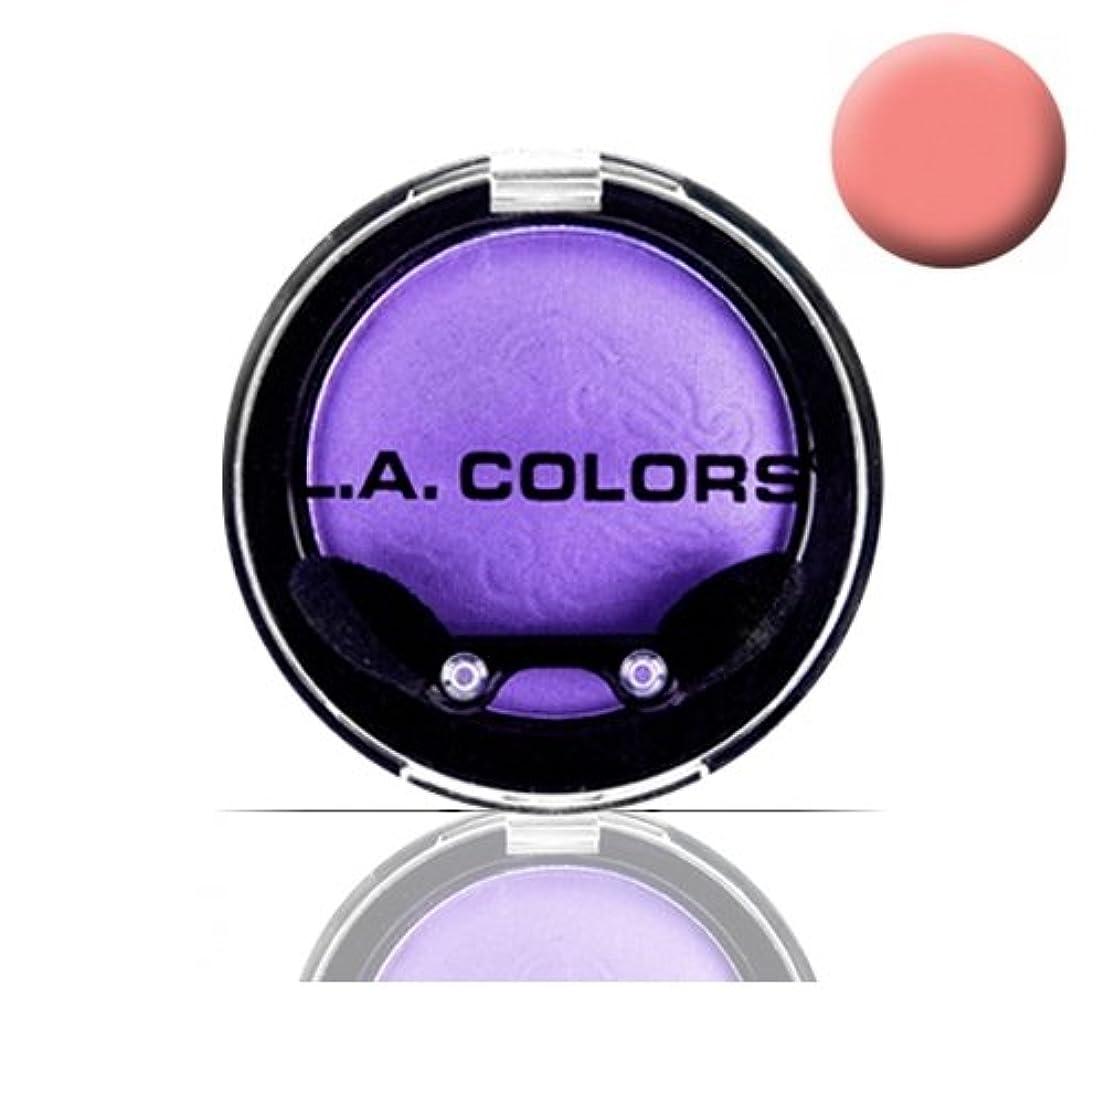 険しいお願いします衝撃(3 Pack) LA COLOR Eyeshadow Pot - Just Peachy (並行輸入品)